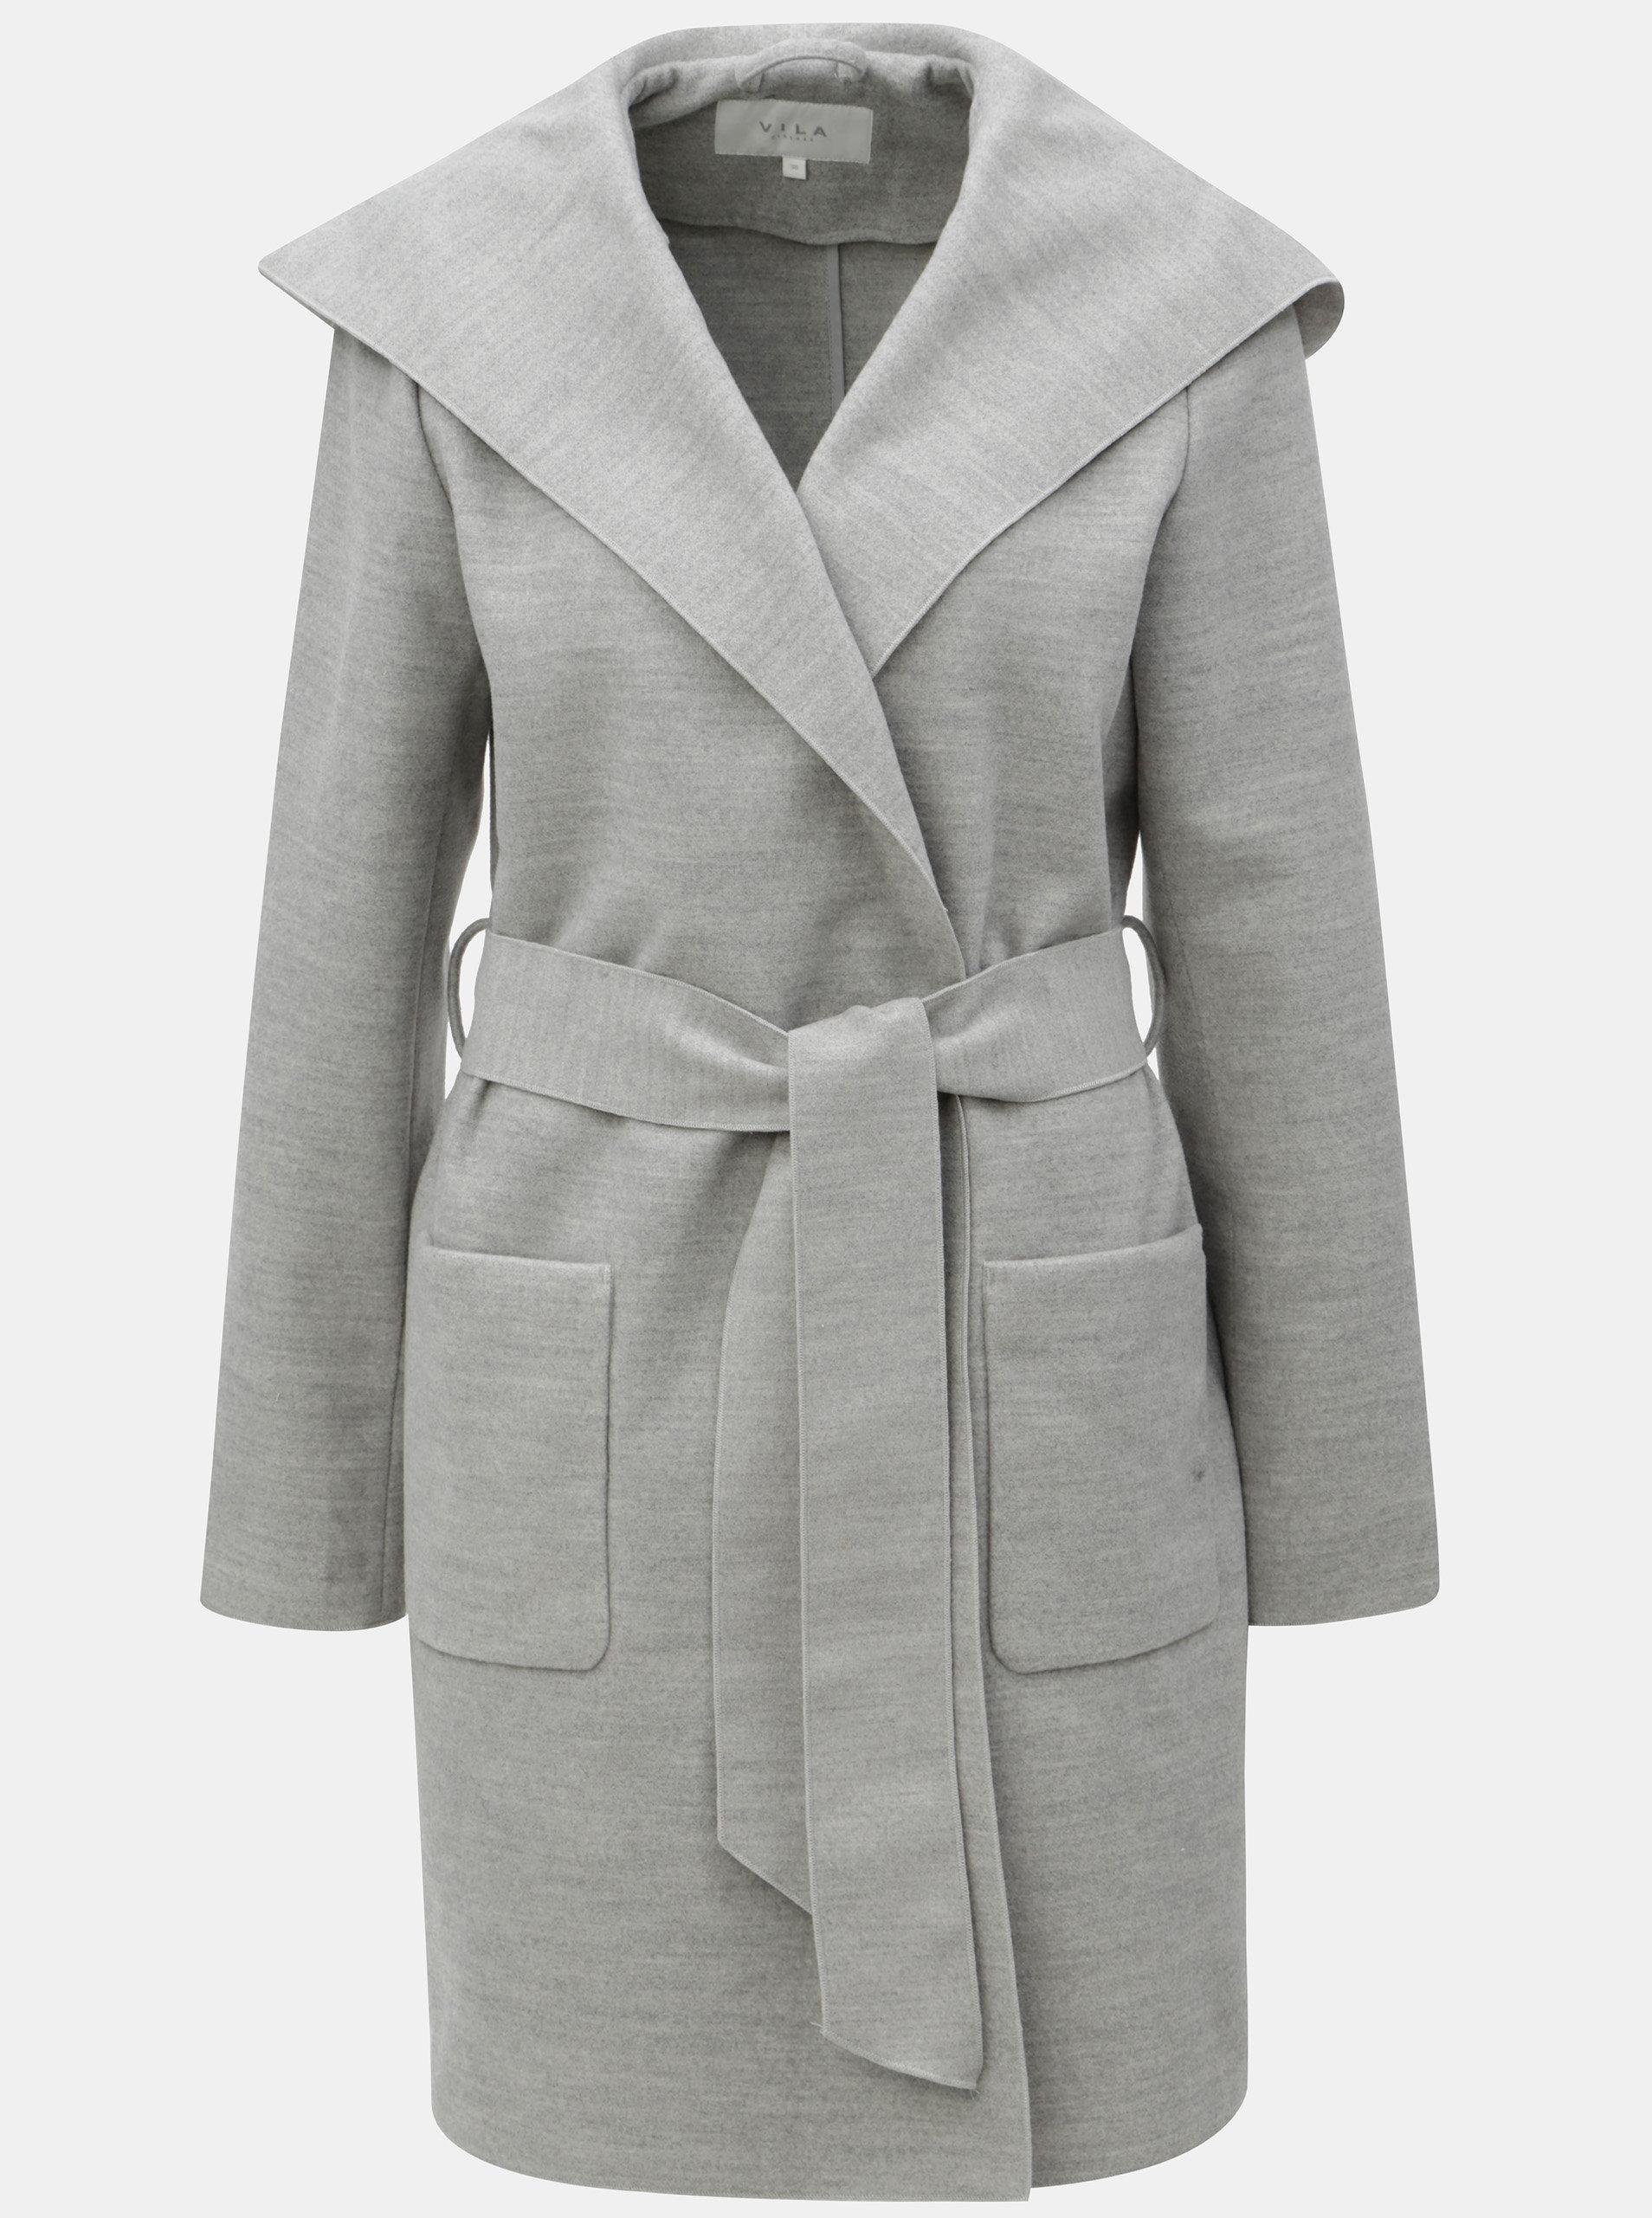 b3076c6be0 Šedý kabát s kapucí VILA Apple ...